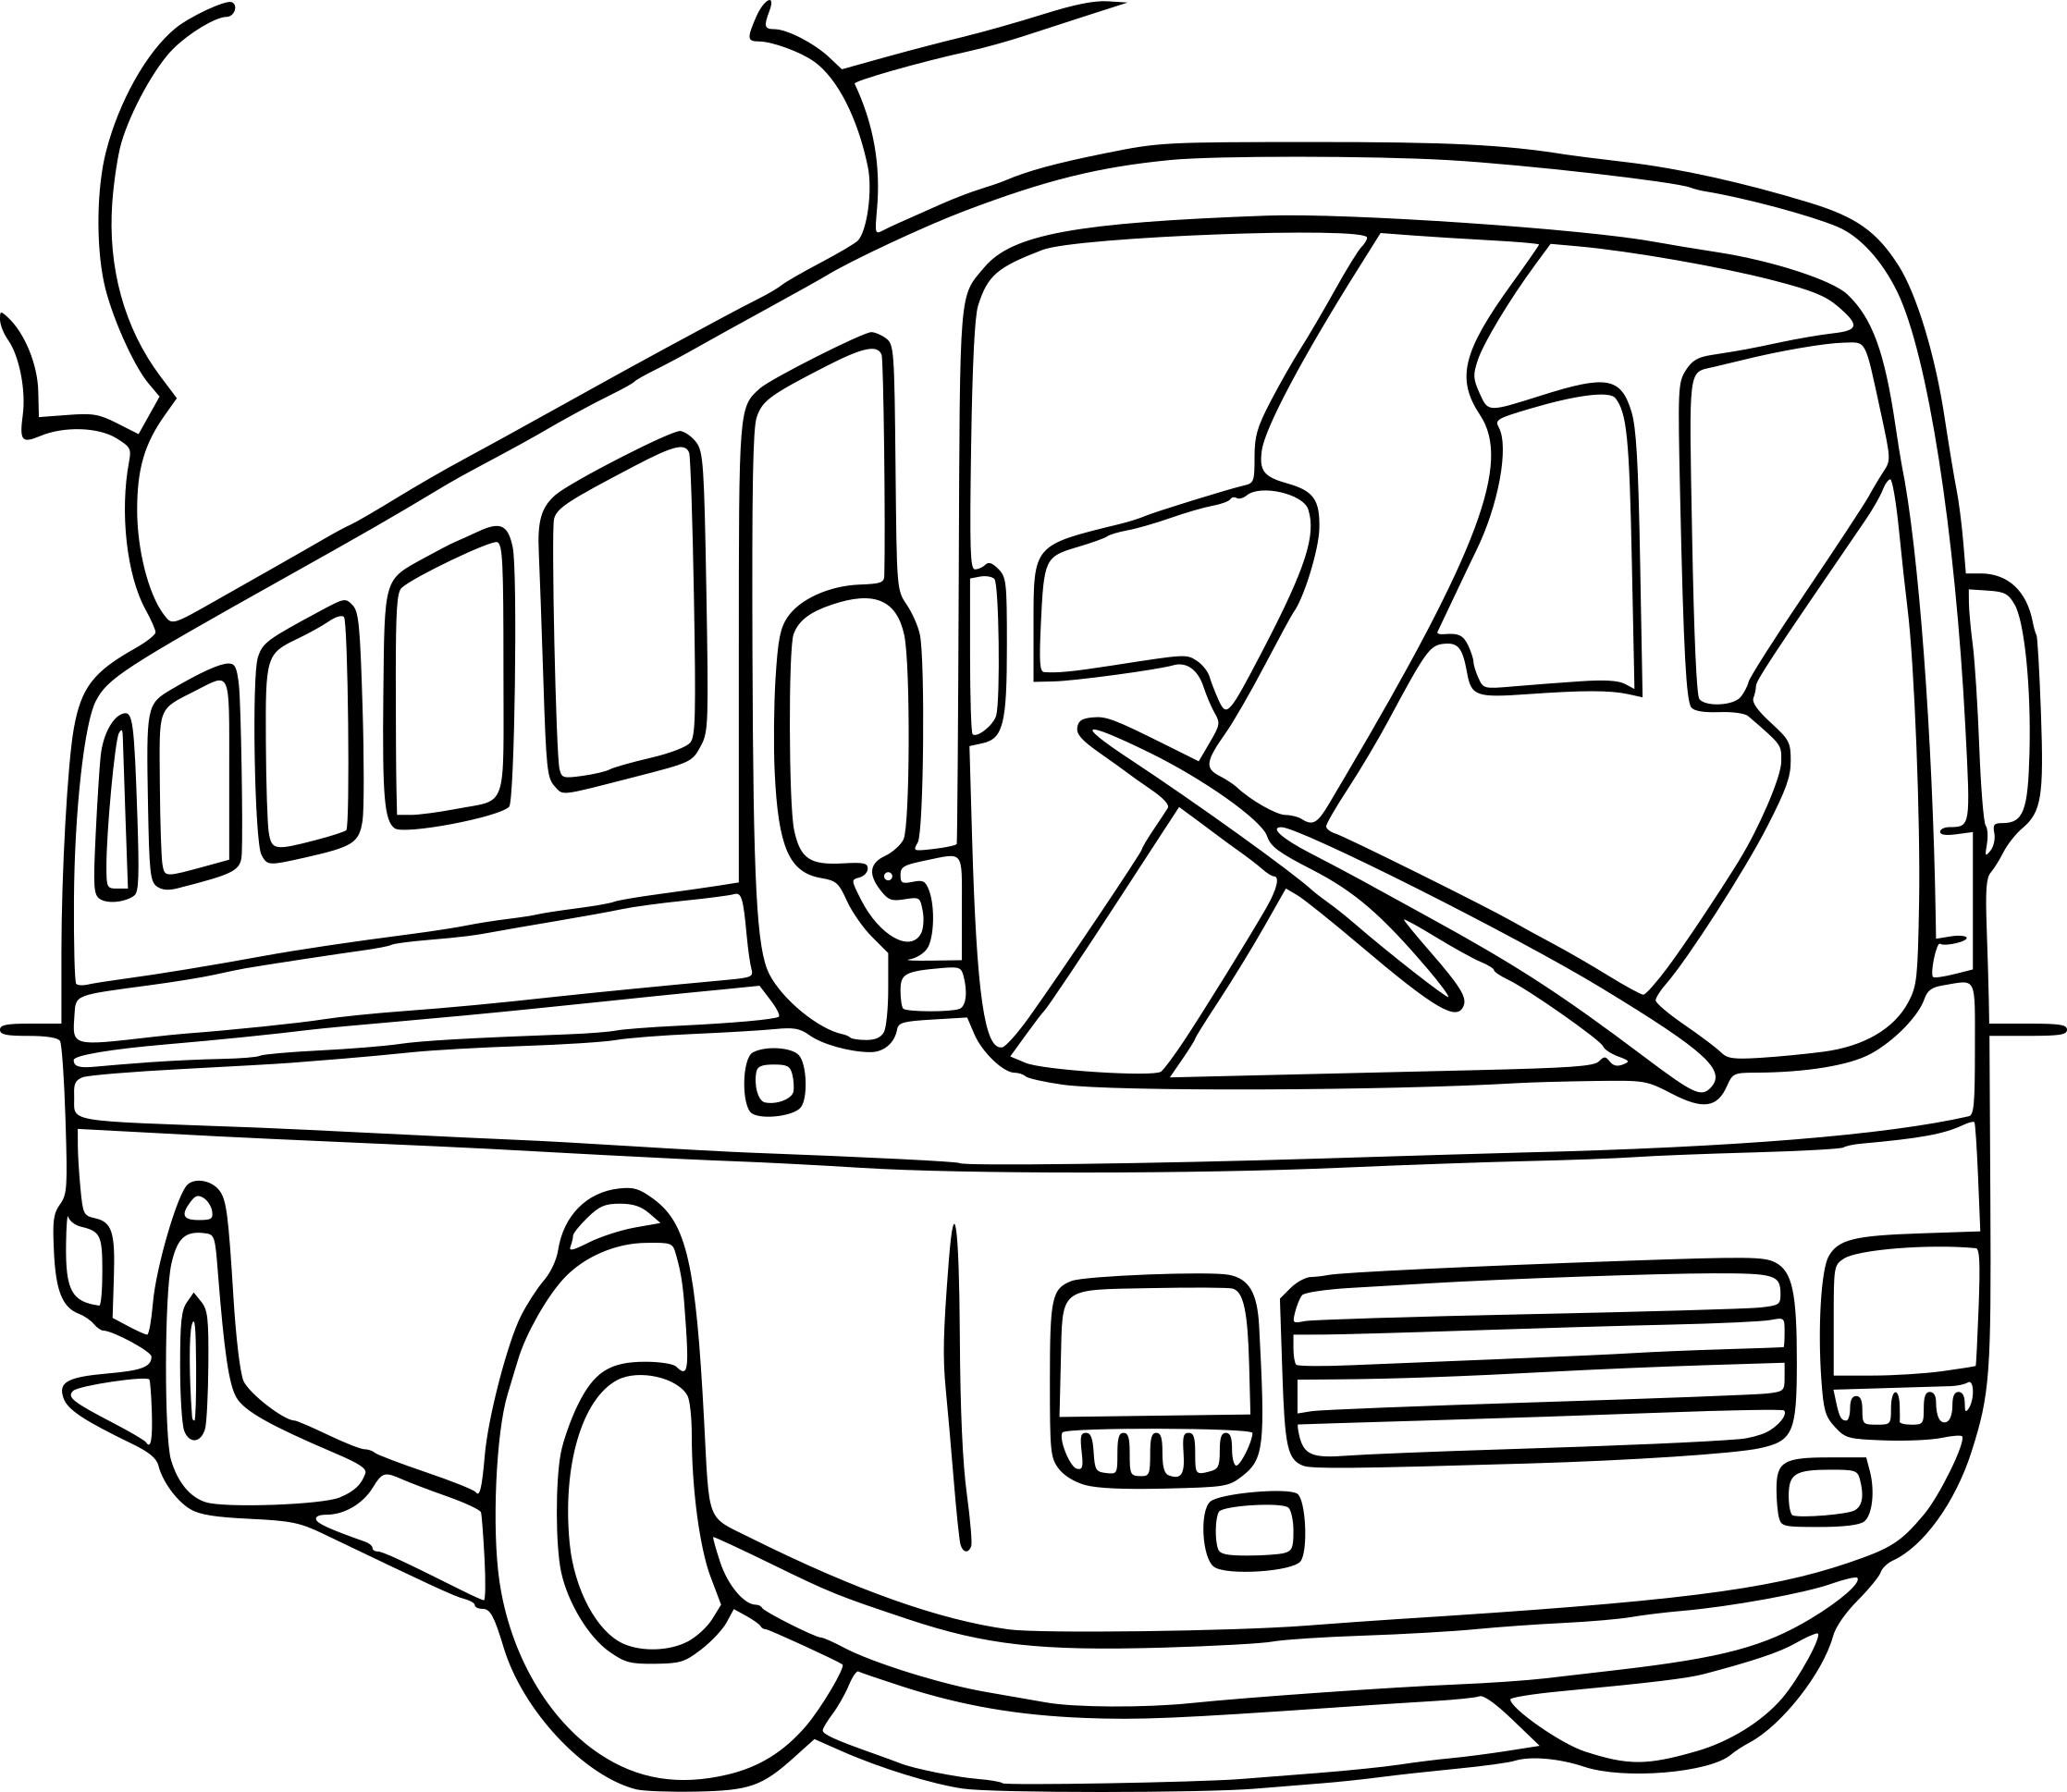 Coloriage Autobus Gratuit à Imprimer